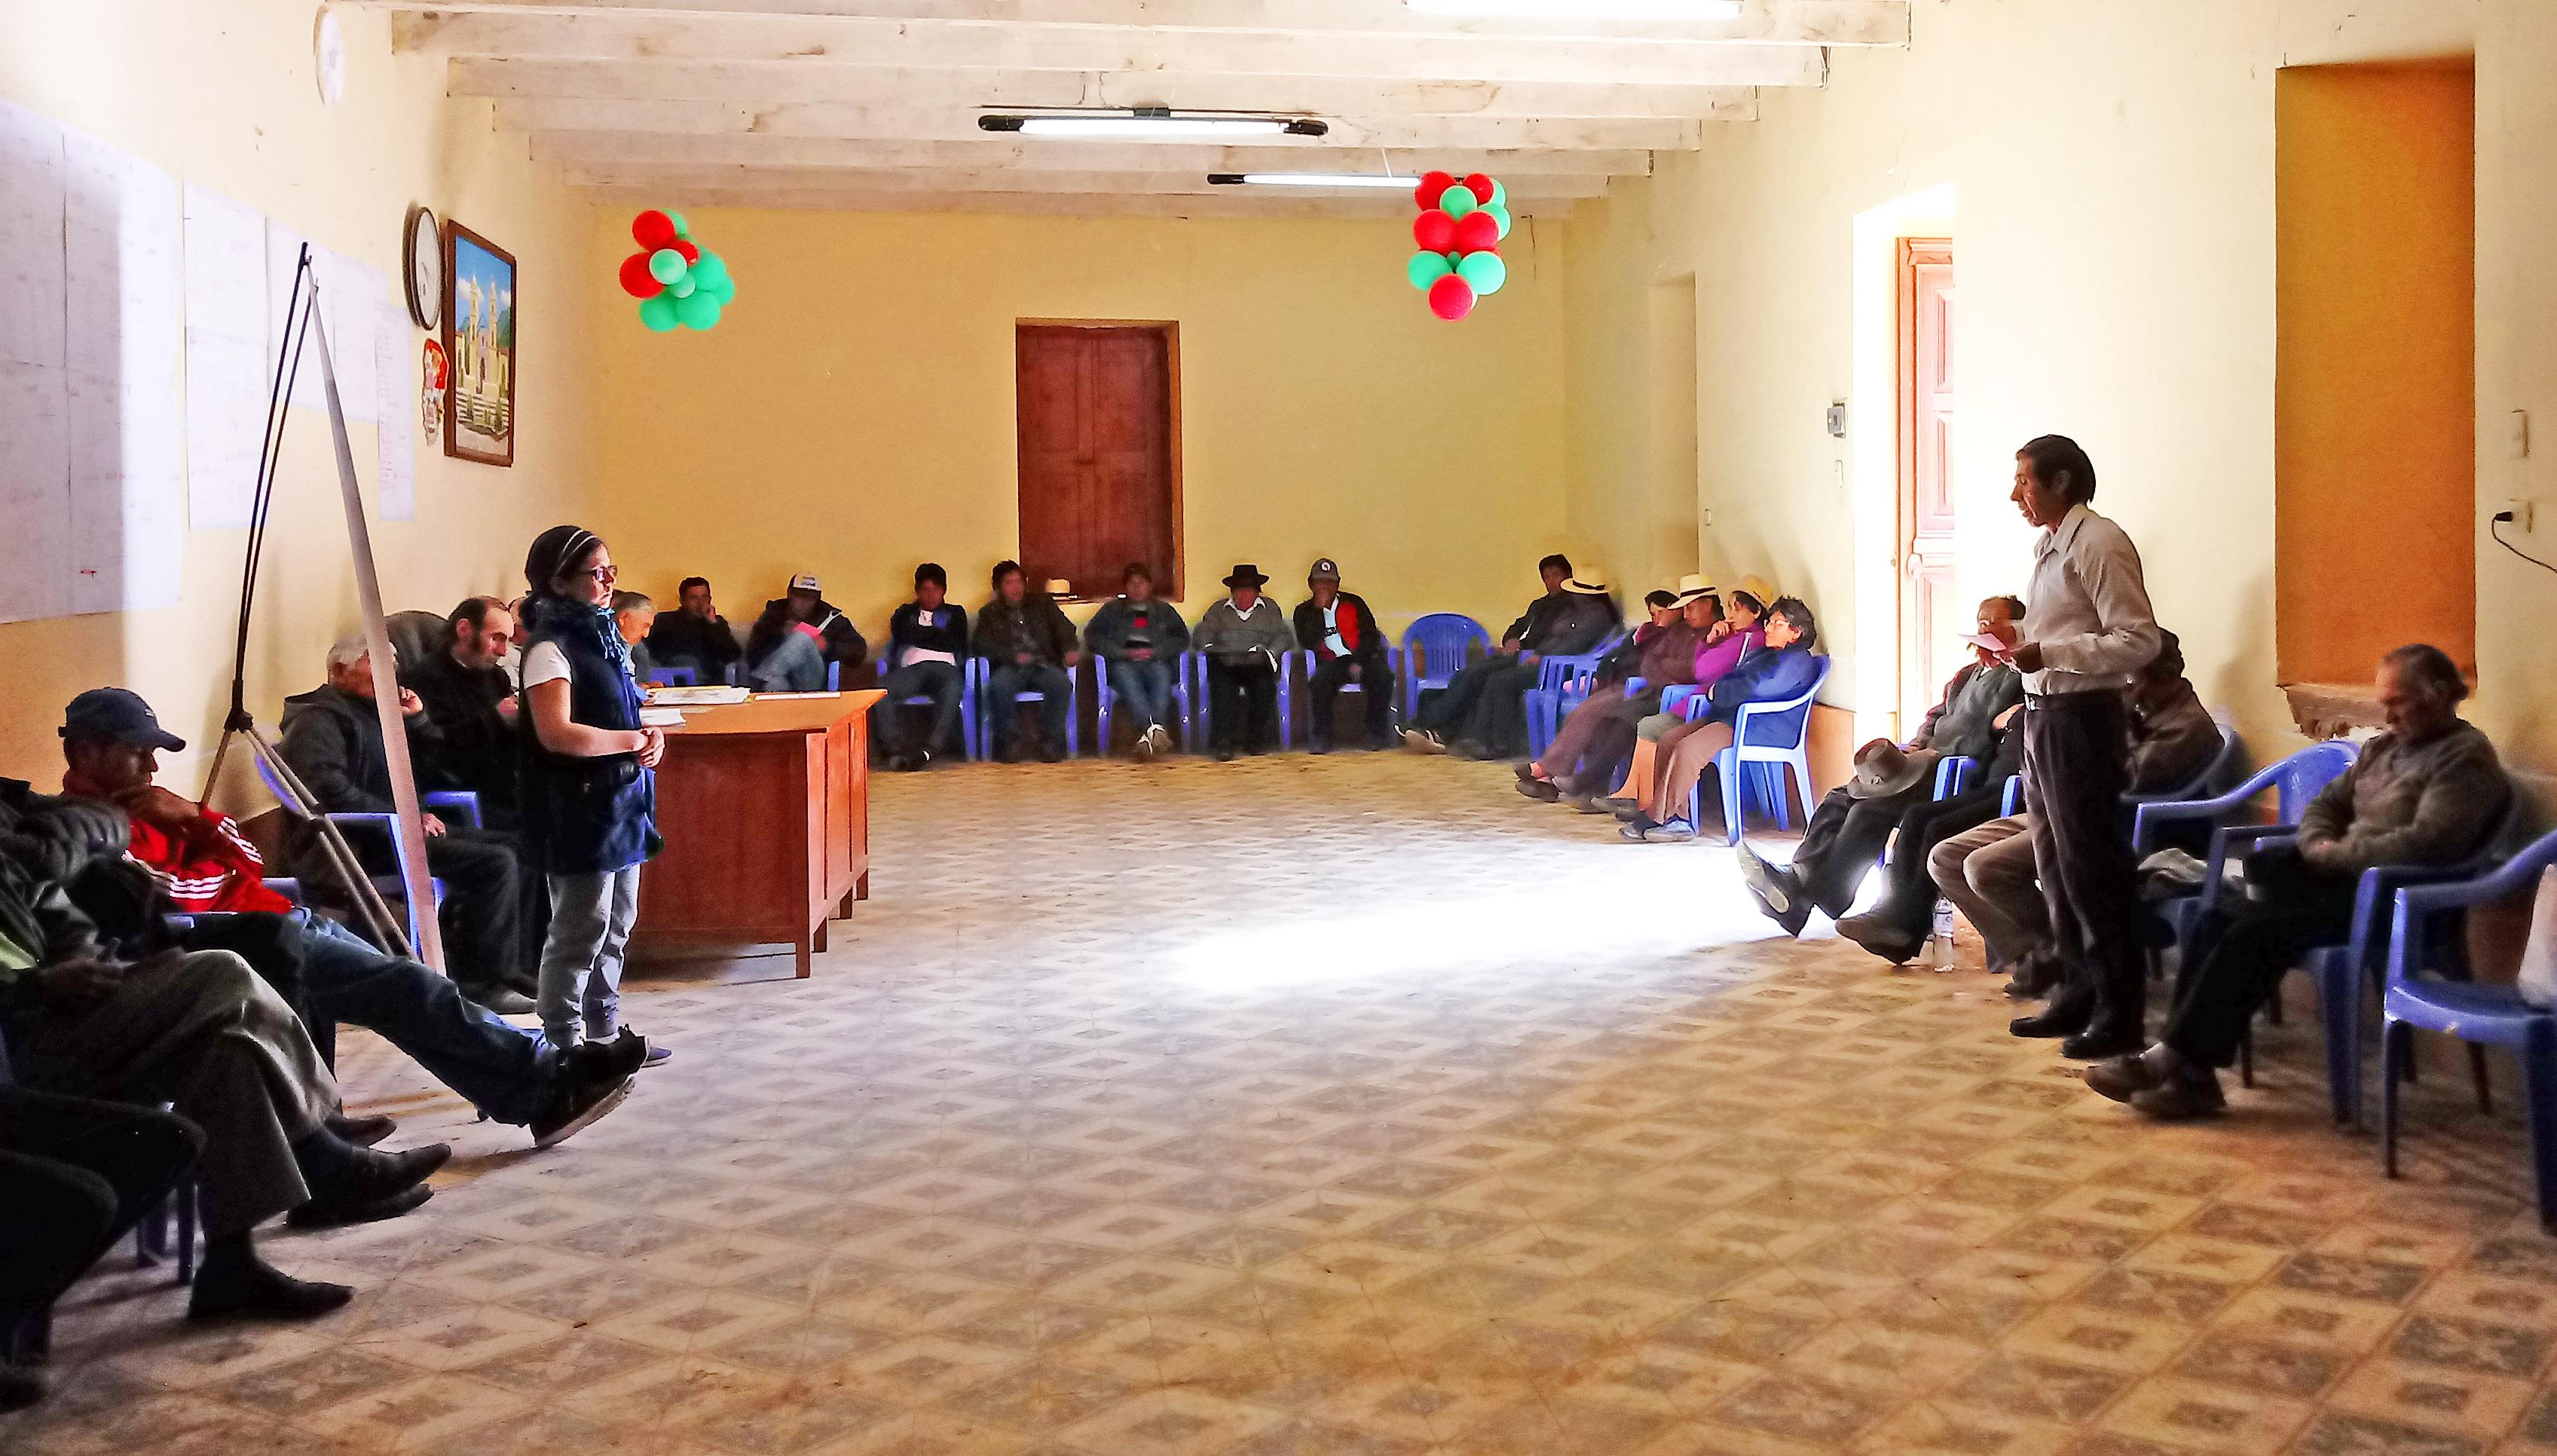 Promoviendo el fortalecimiento de capacidades en prácticas de respuesta ante desastres en Huamantanga